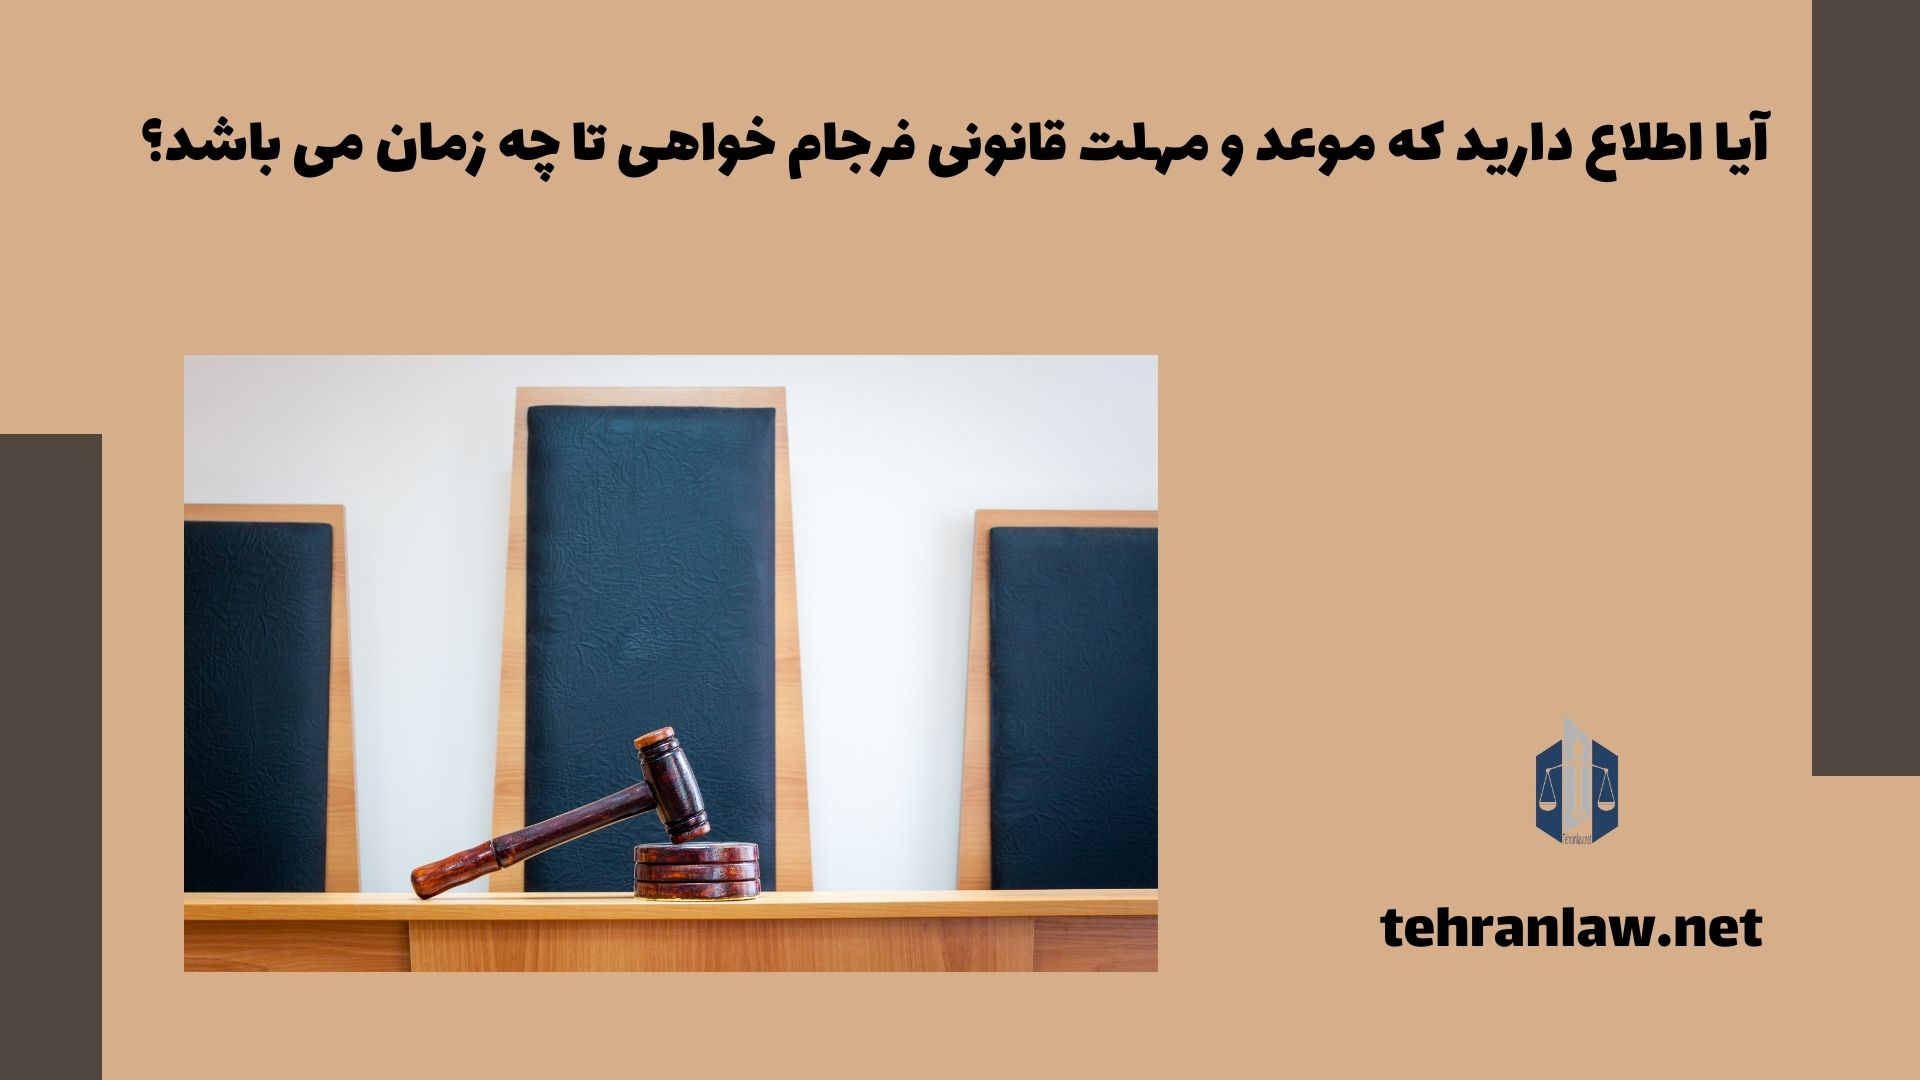 آیا اطلاع دارید که موعد و مهلت قانونی فرجام خواهی تا چه زمان می باشد؟